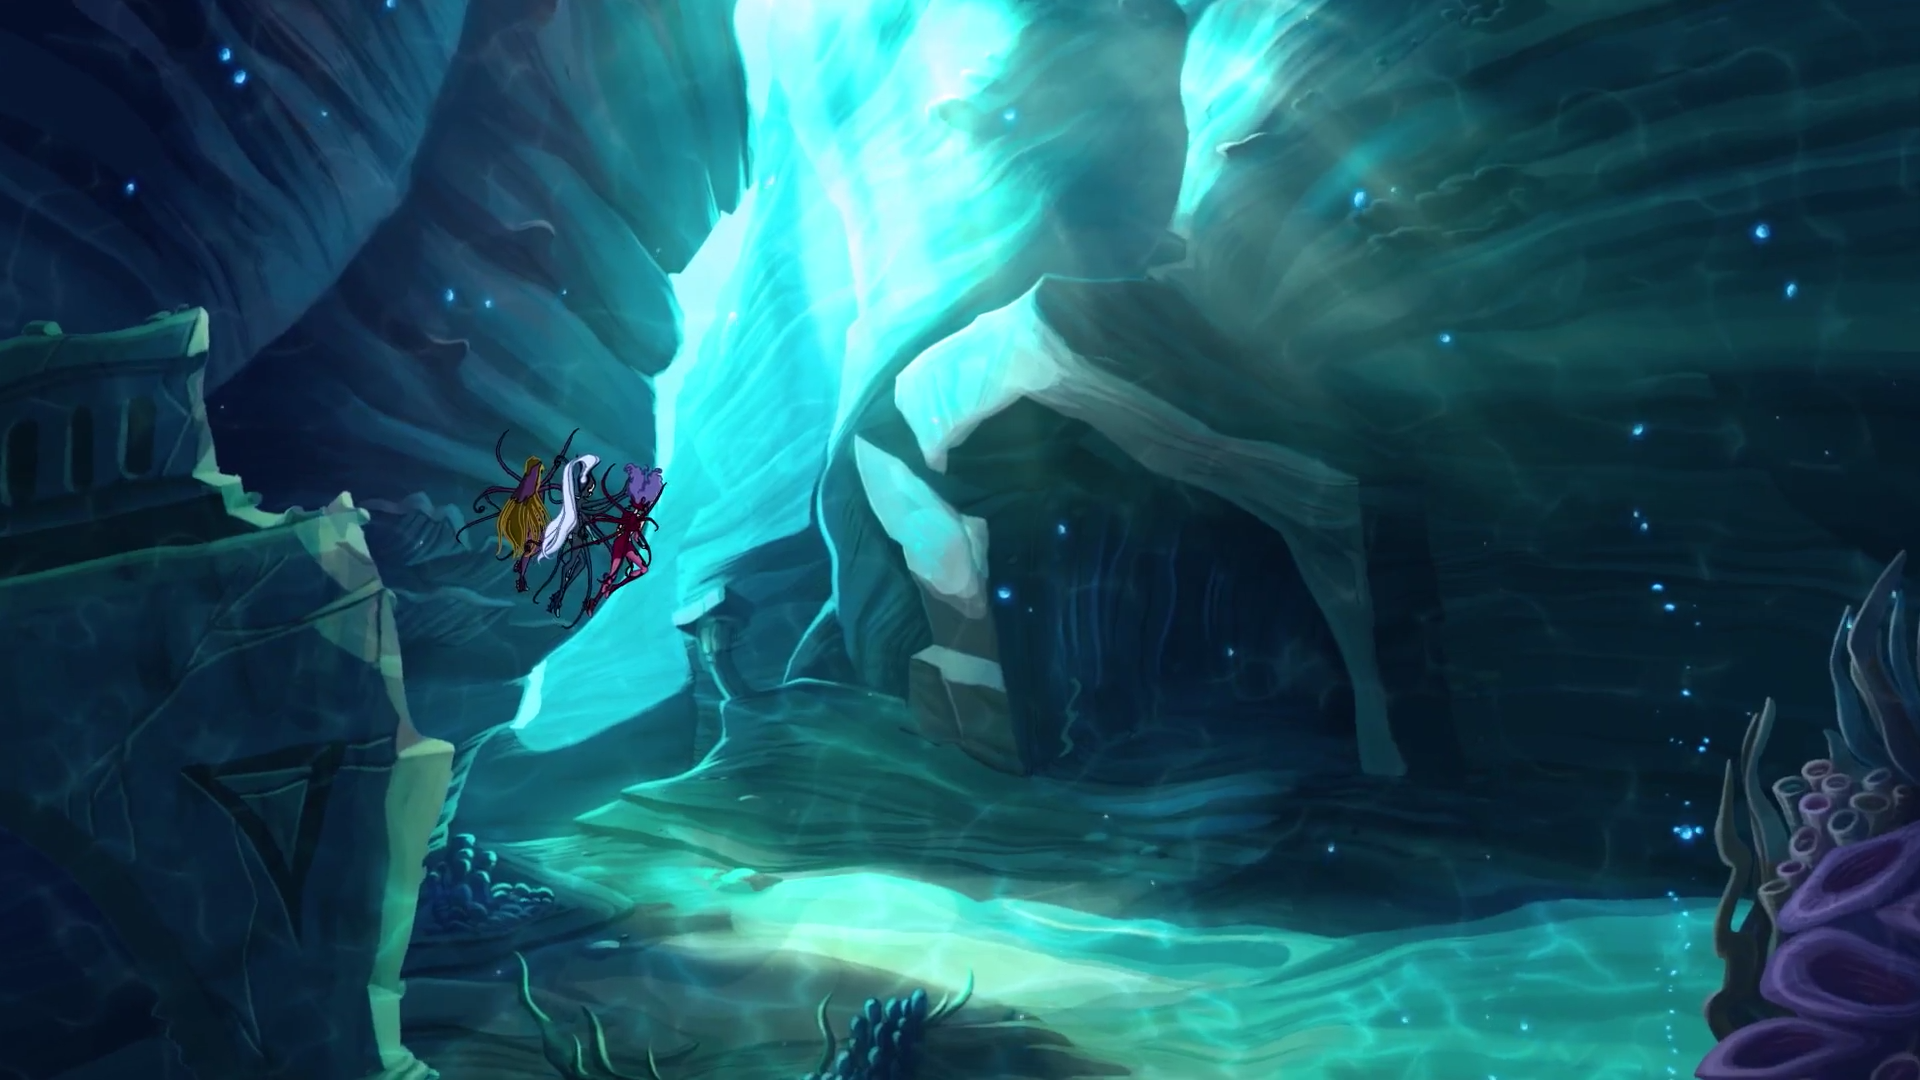 Höhle des Biests der Tiefe 01.png